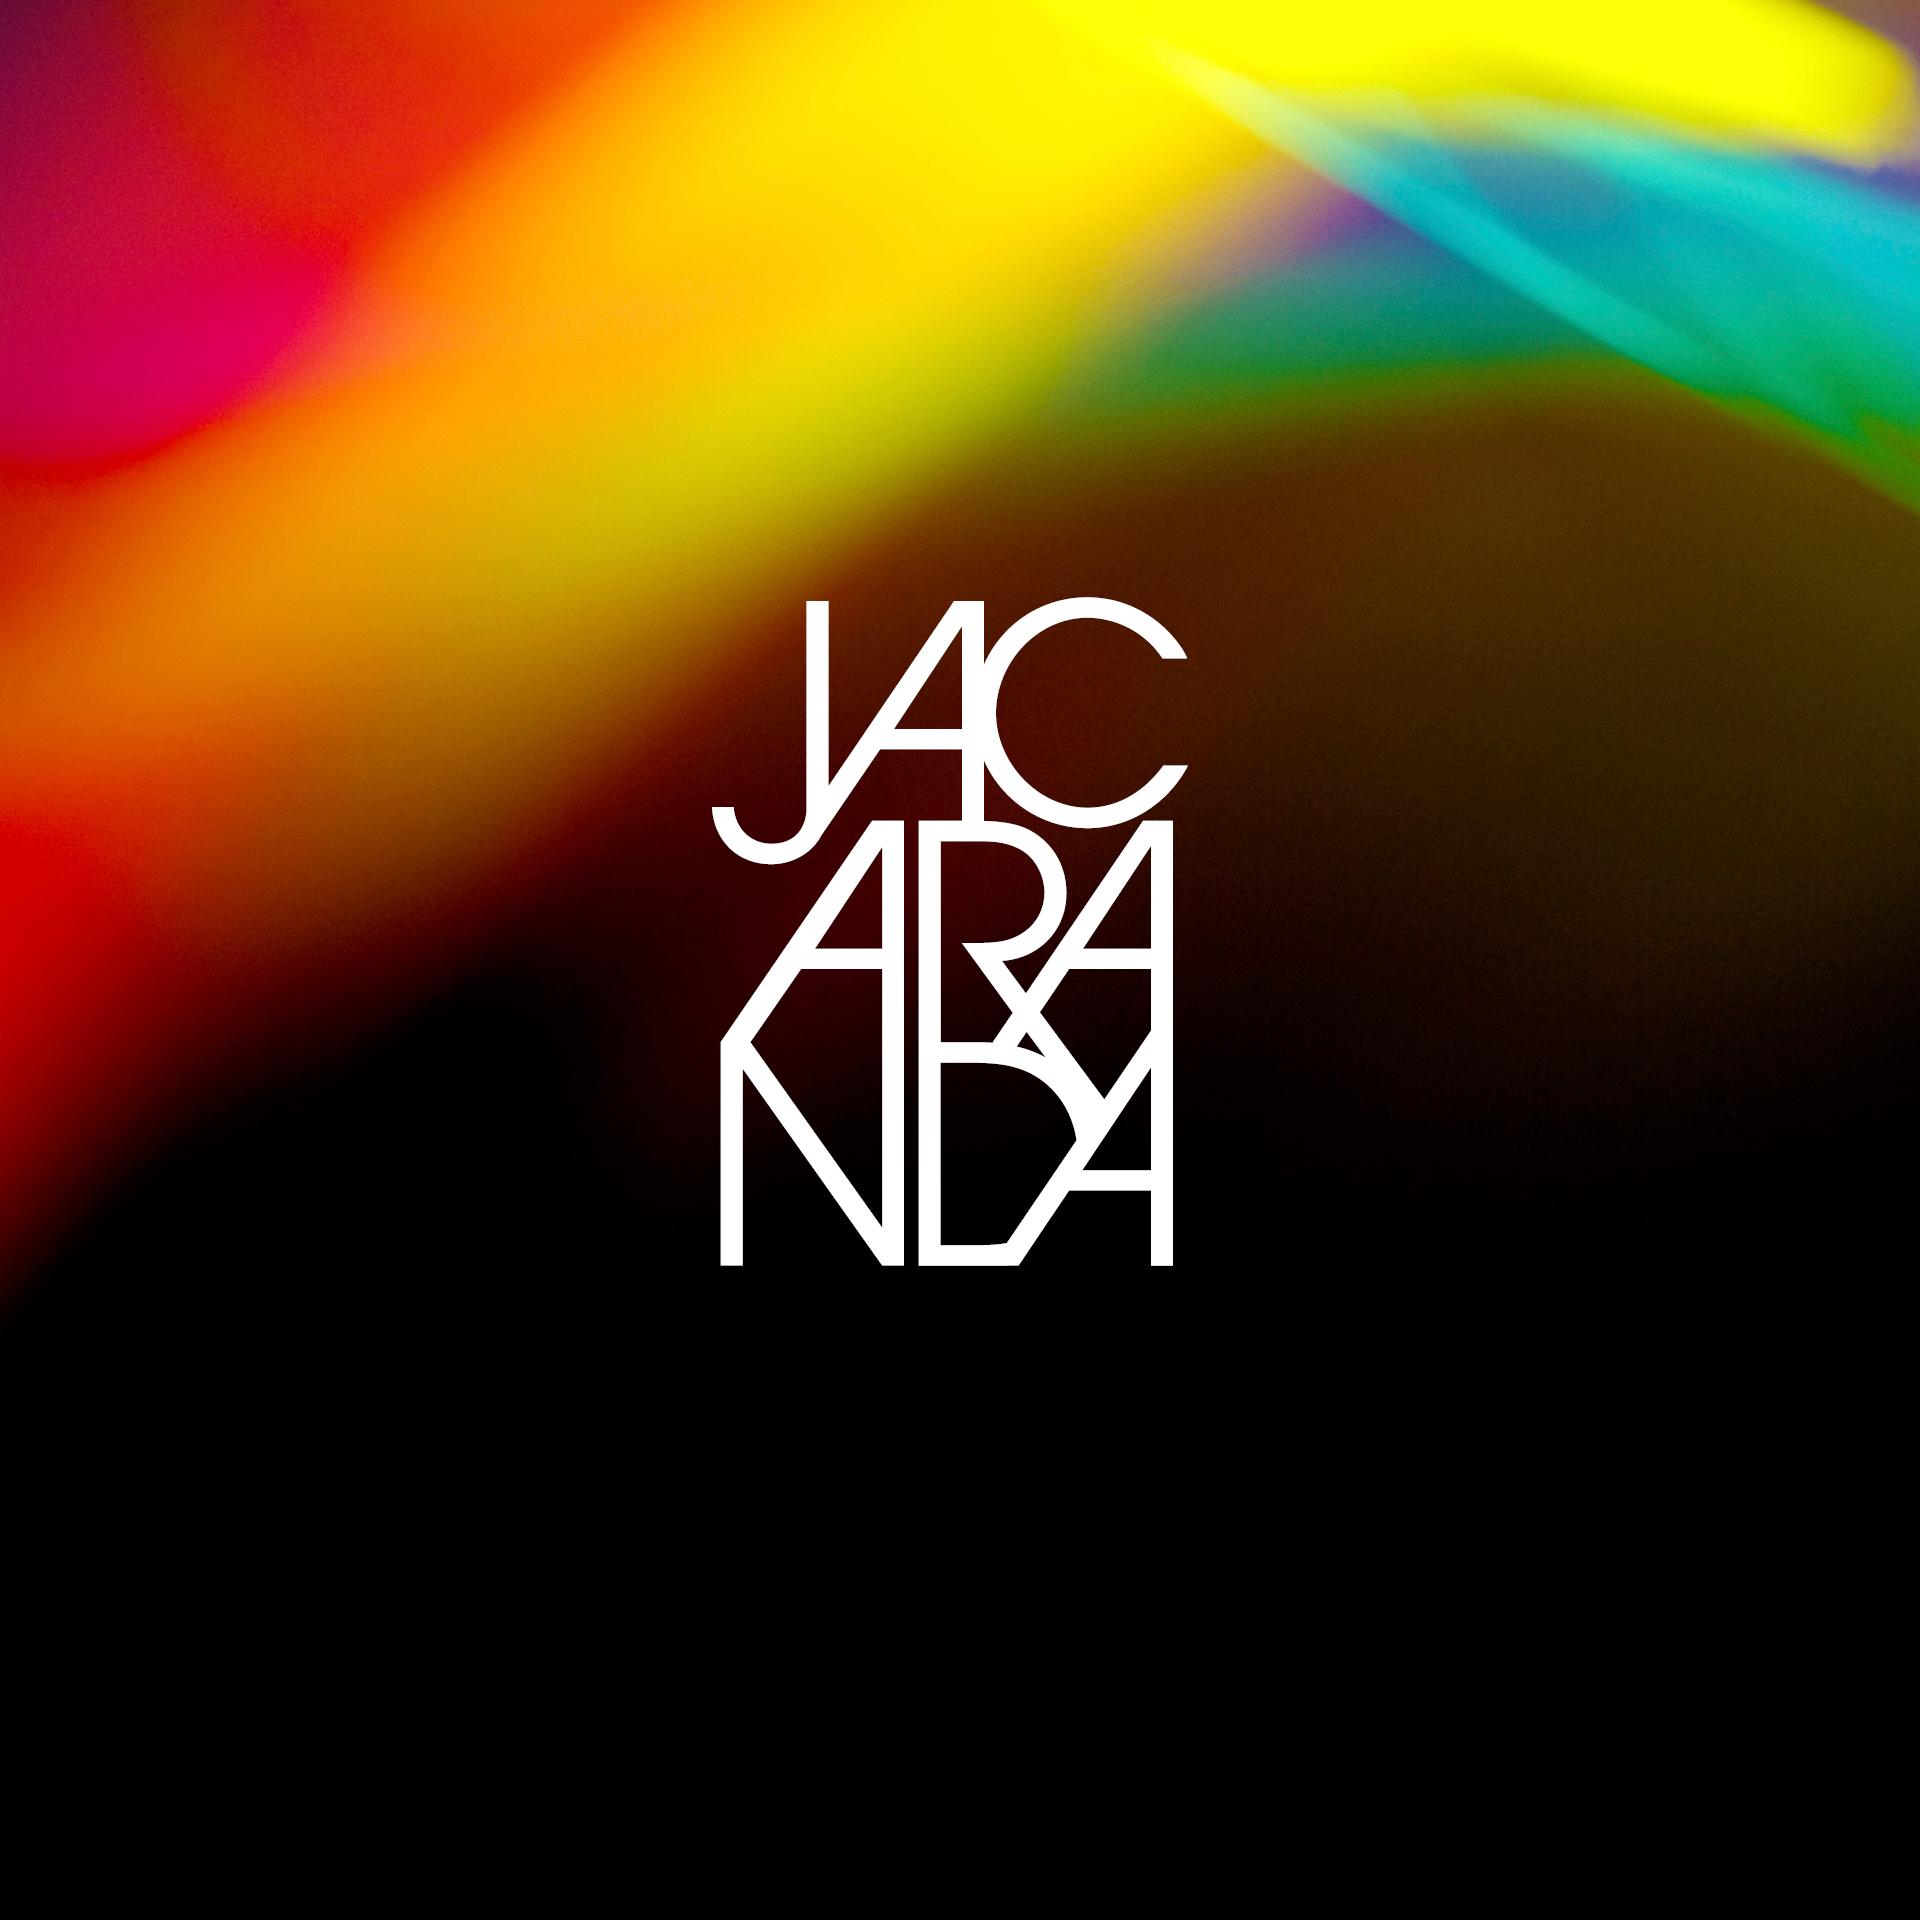 Jacaranda Yearbook